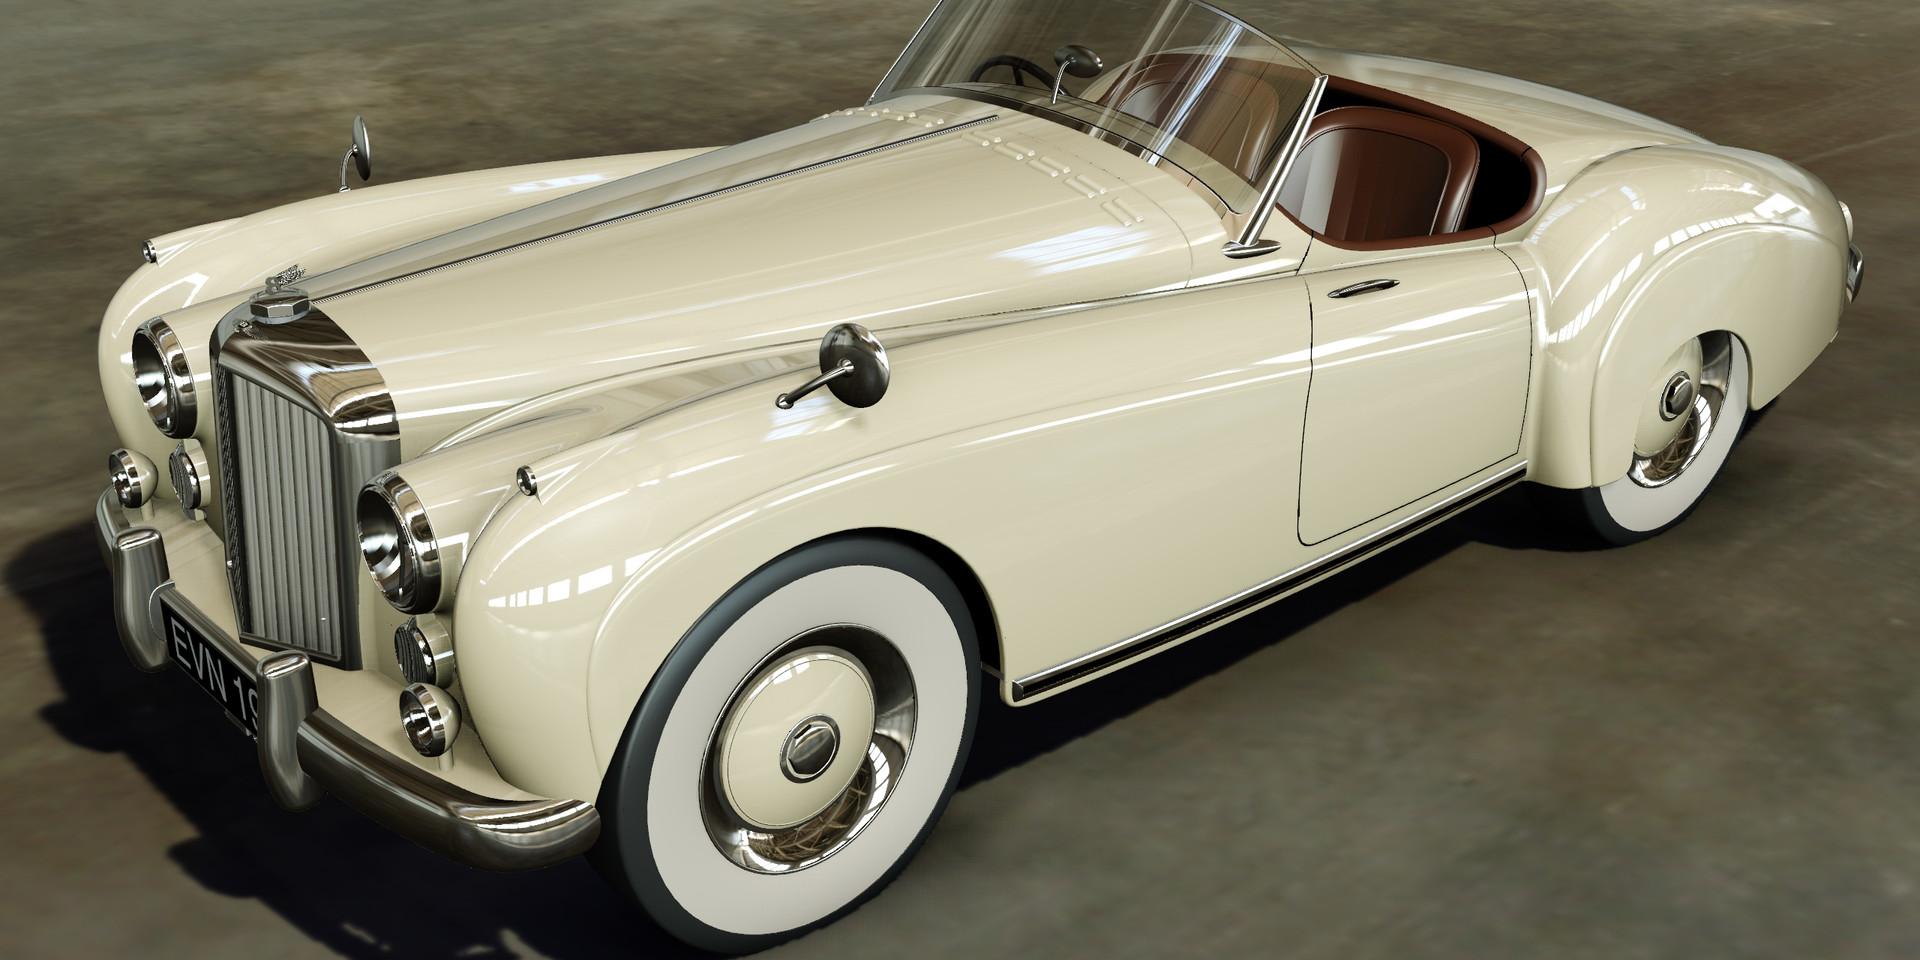 Bentley Blizzard